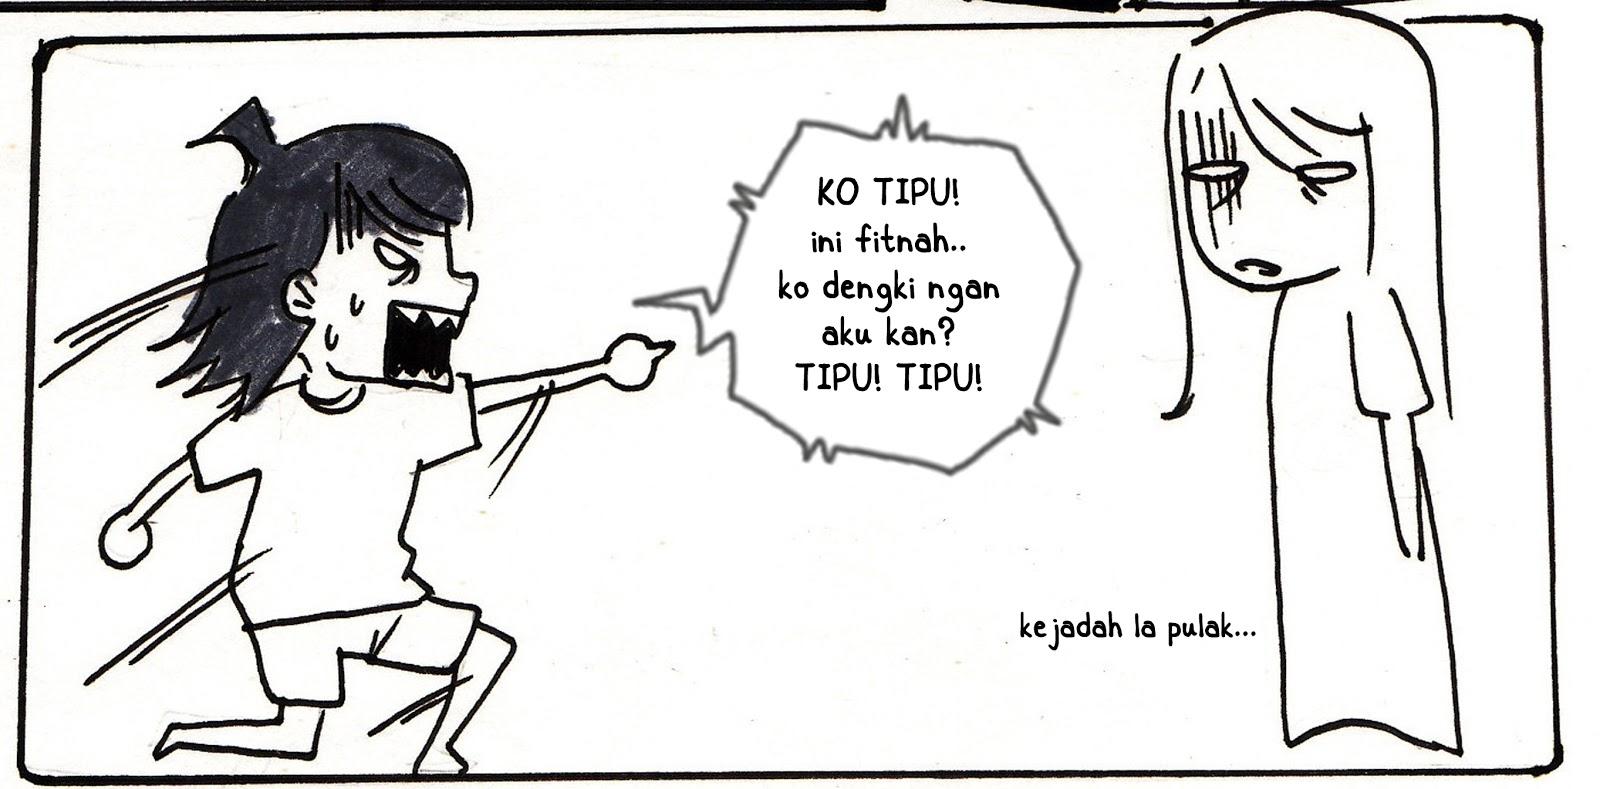 Blog Vespa Buruk: nah komik